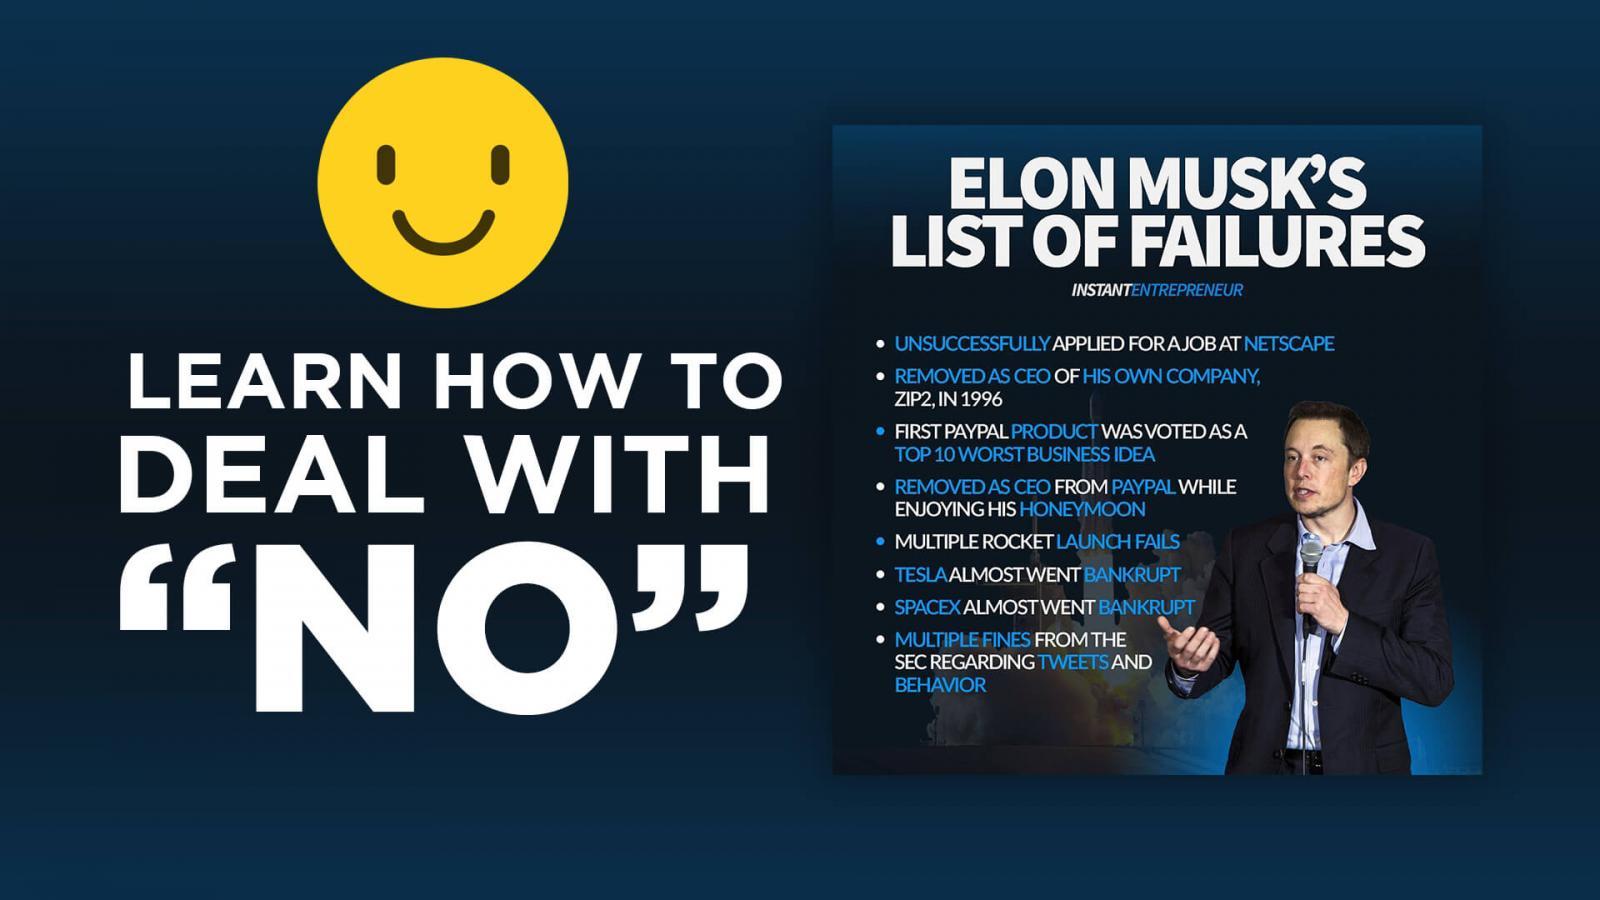 Elon Musk's list of failures